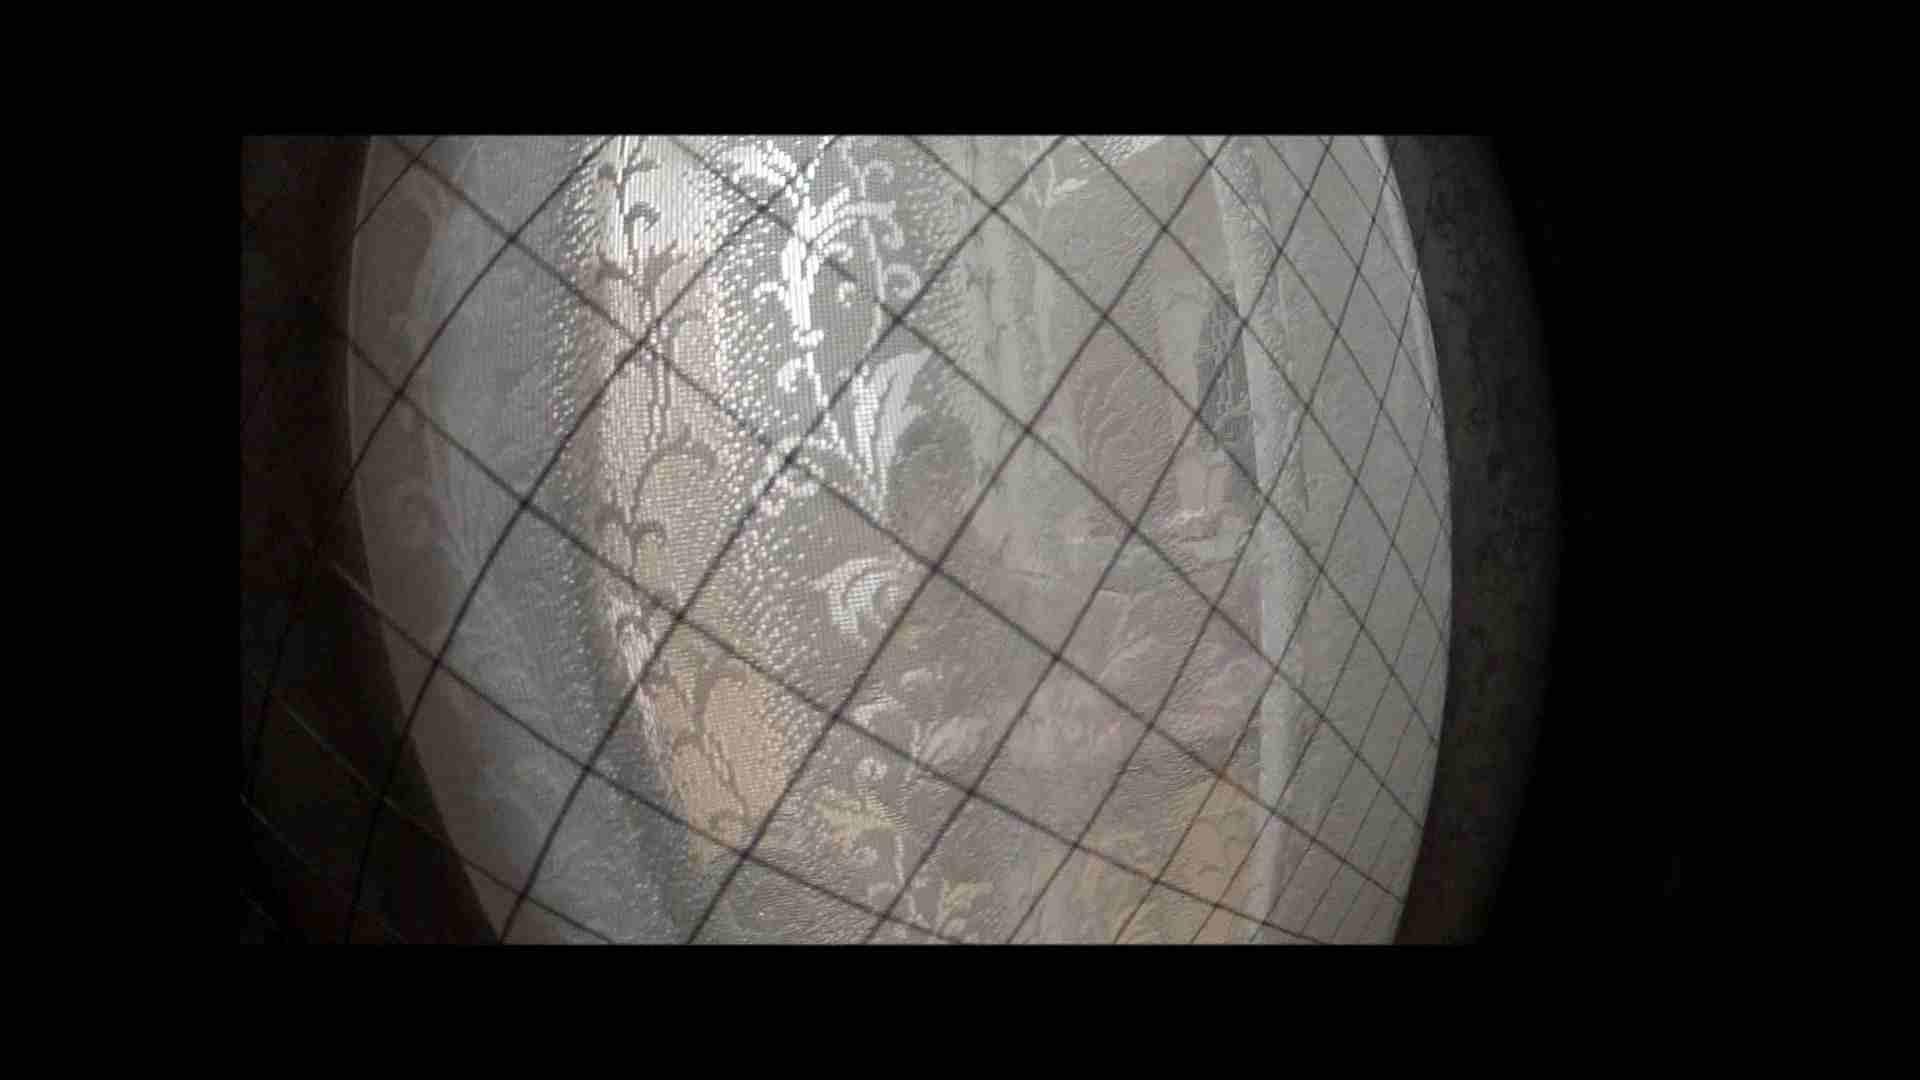 ハメ撮り 【04】別の日・・・魚眼レンズで広角に撮れました。 大奥